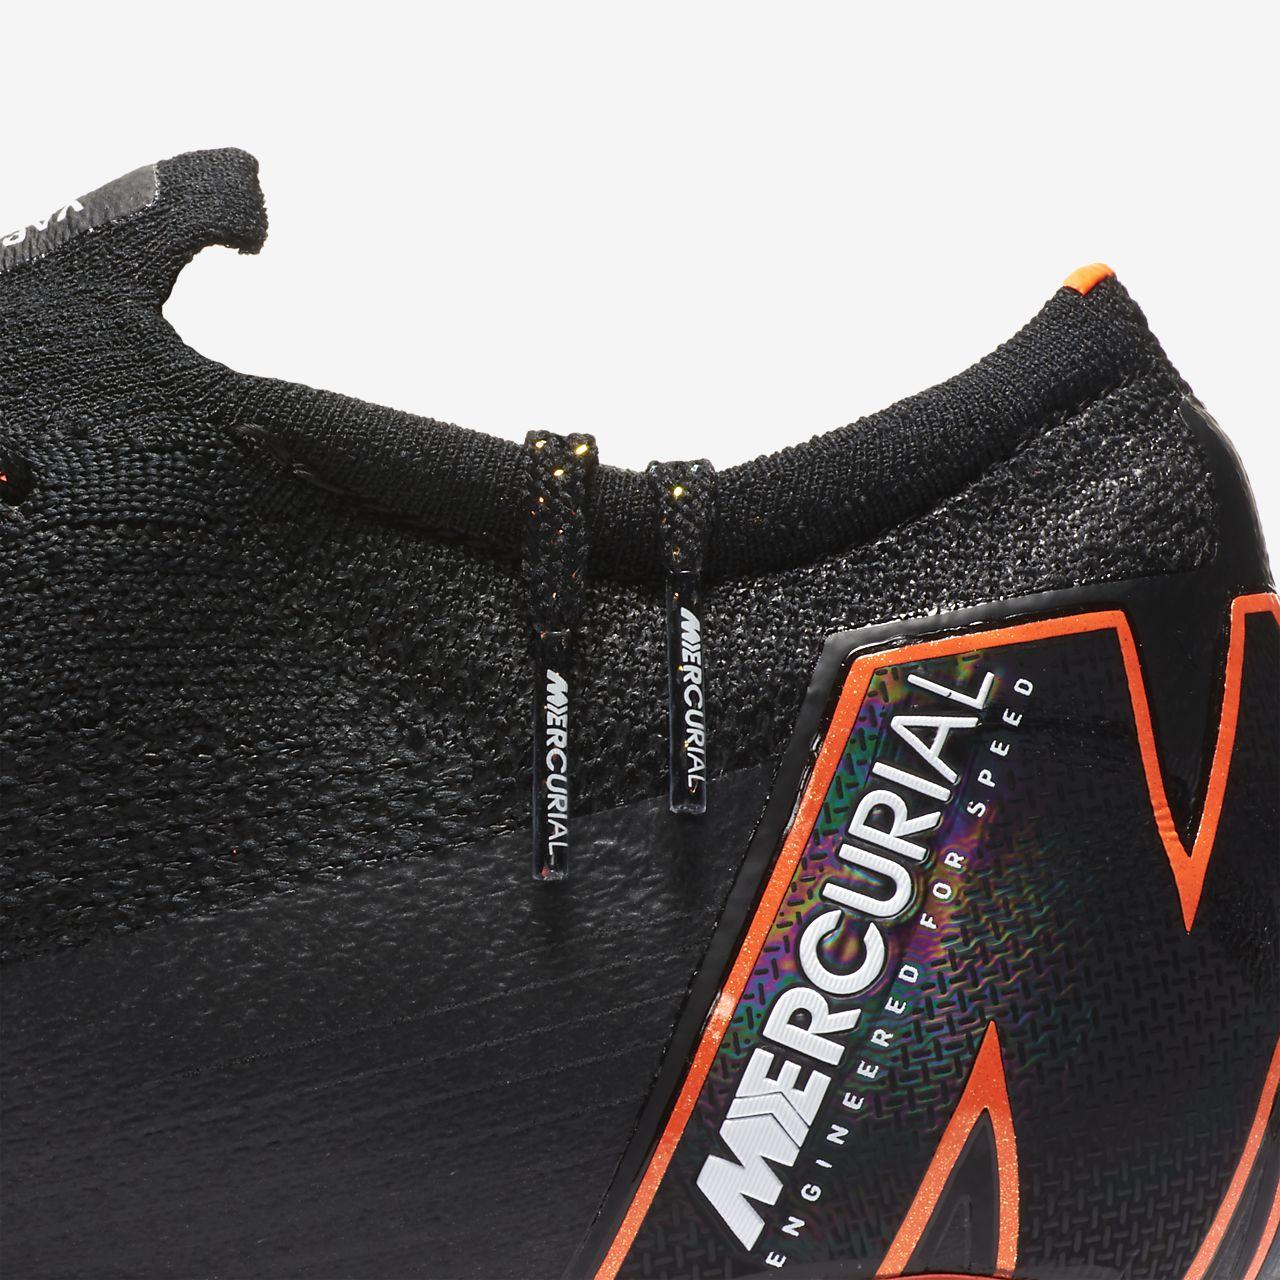 Nike Mercurial Vapor 360 Elite Fußballschuh für normalen Rasen